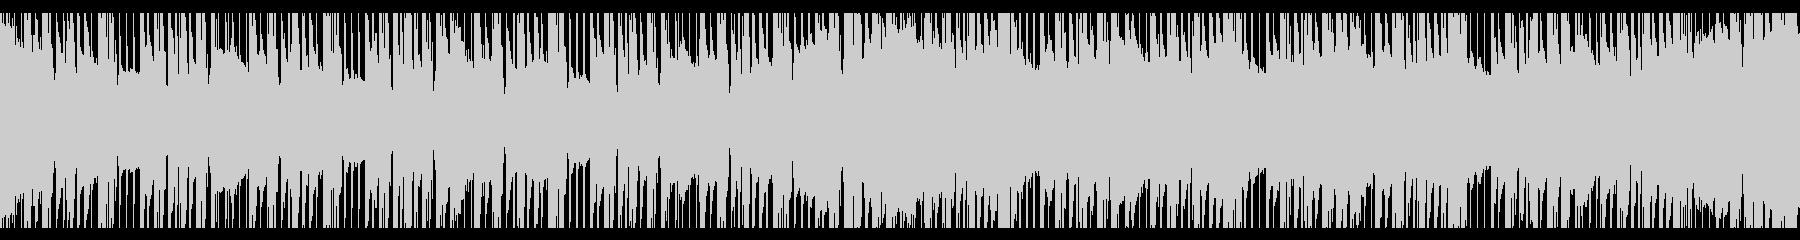 ワークアウトトラップ(ループ)の未再生の波形